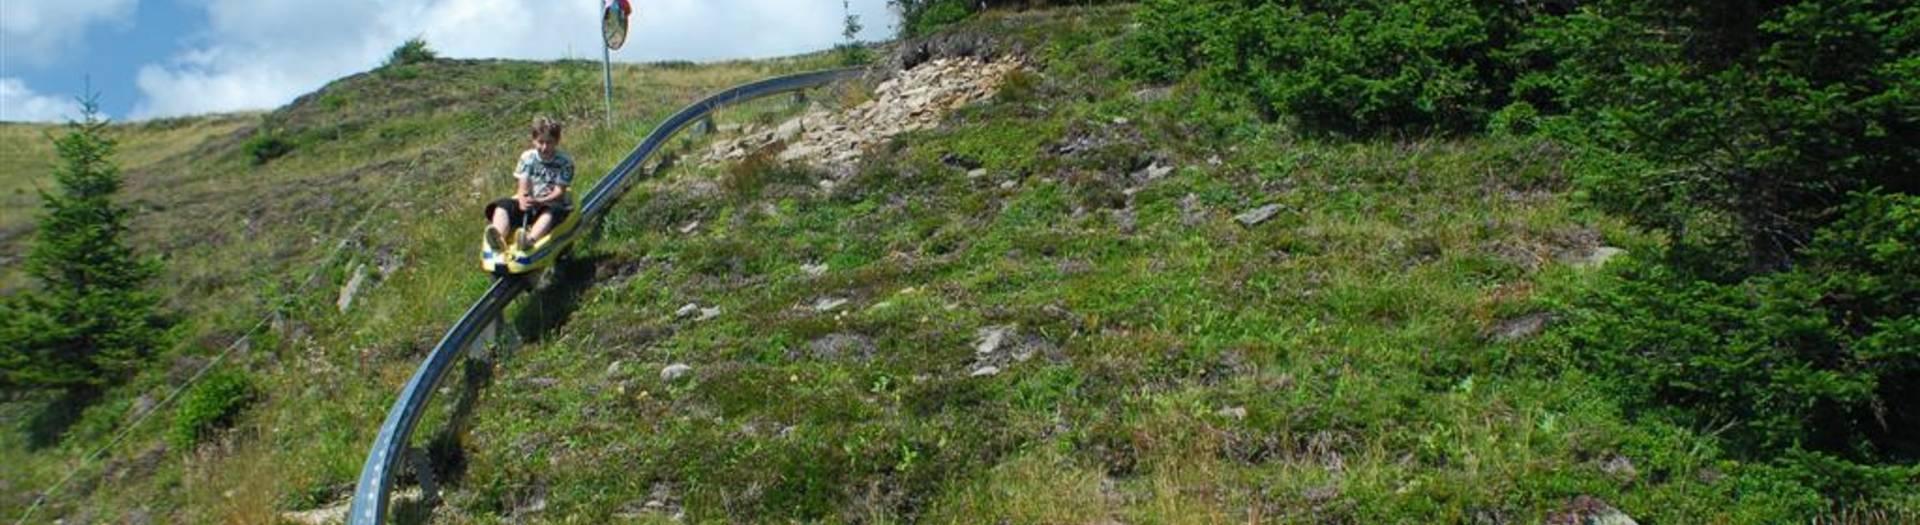 Sommerrodelbahn Klippitztörl